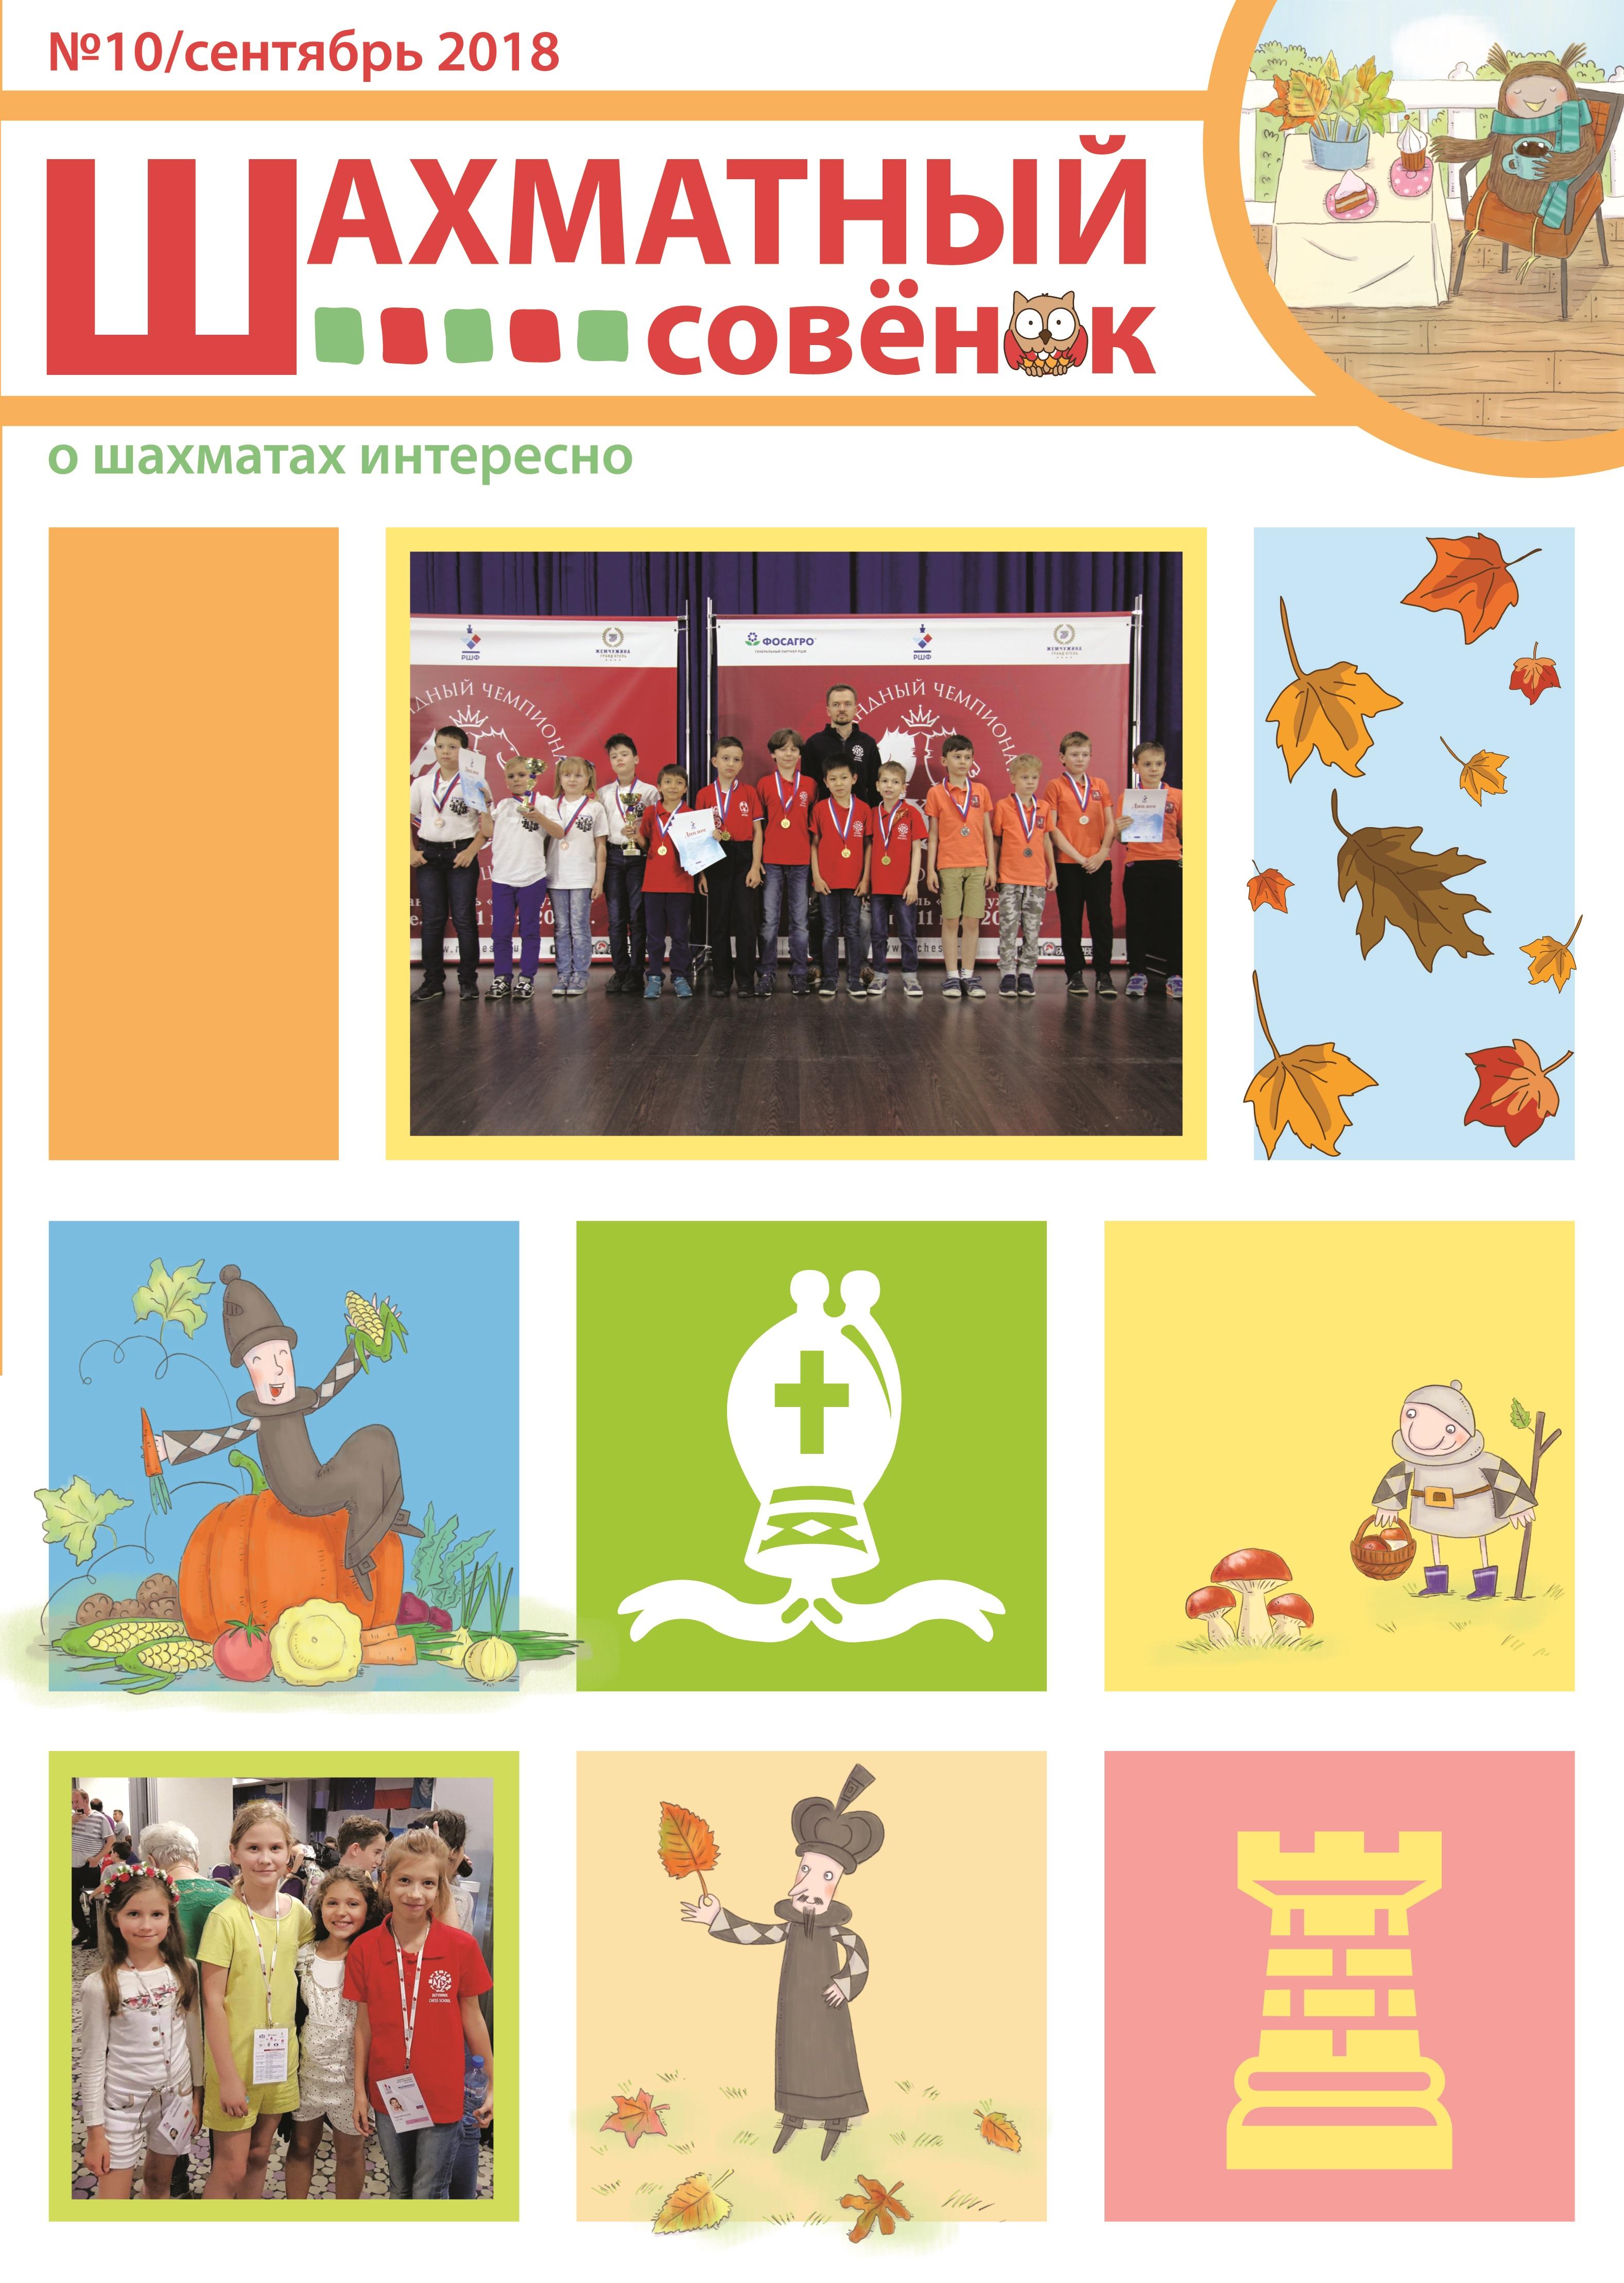 Журнал Шахматный совенок официальный сайт десятый выпуск